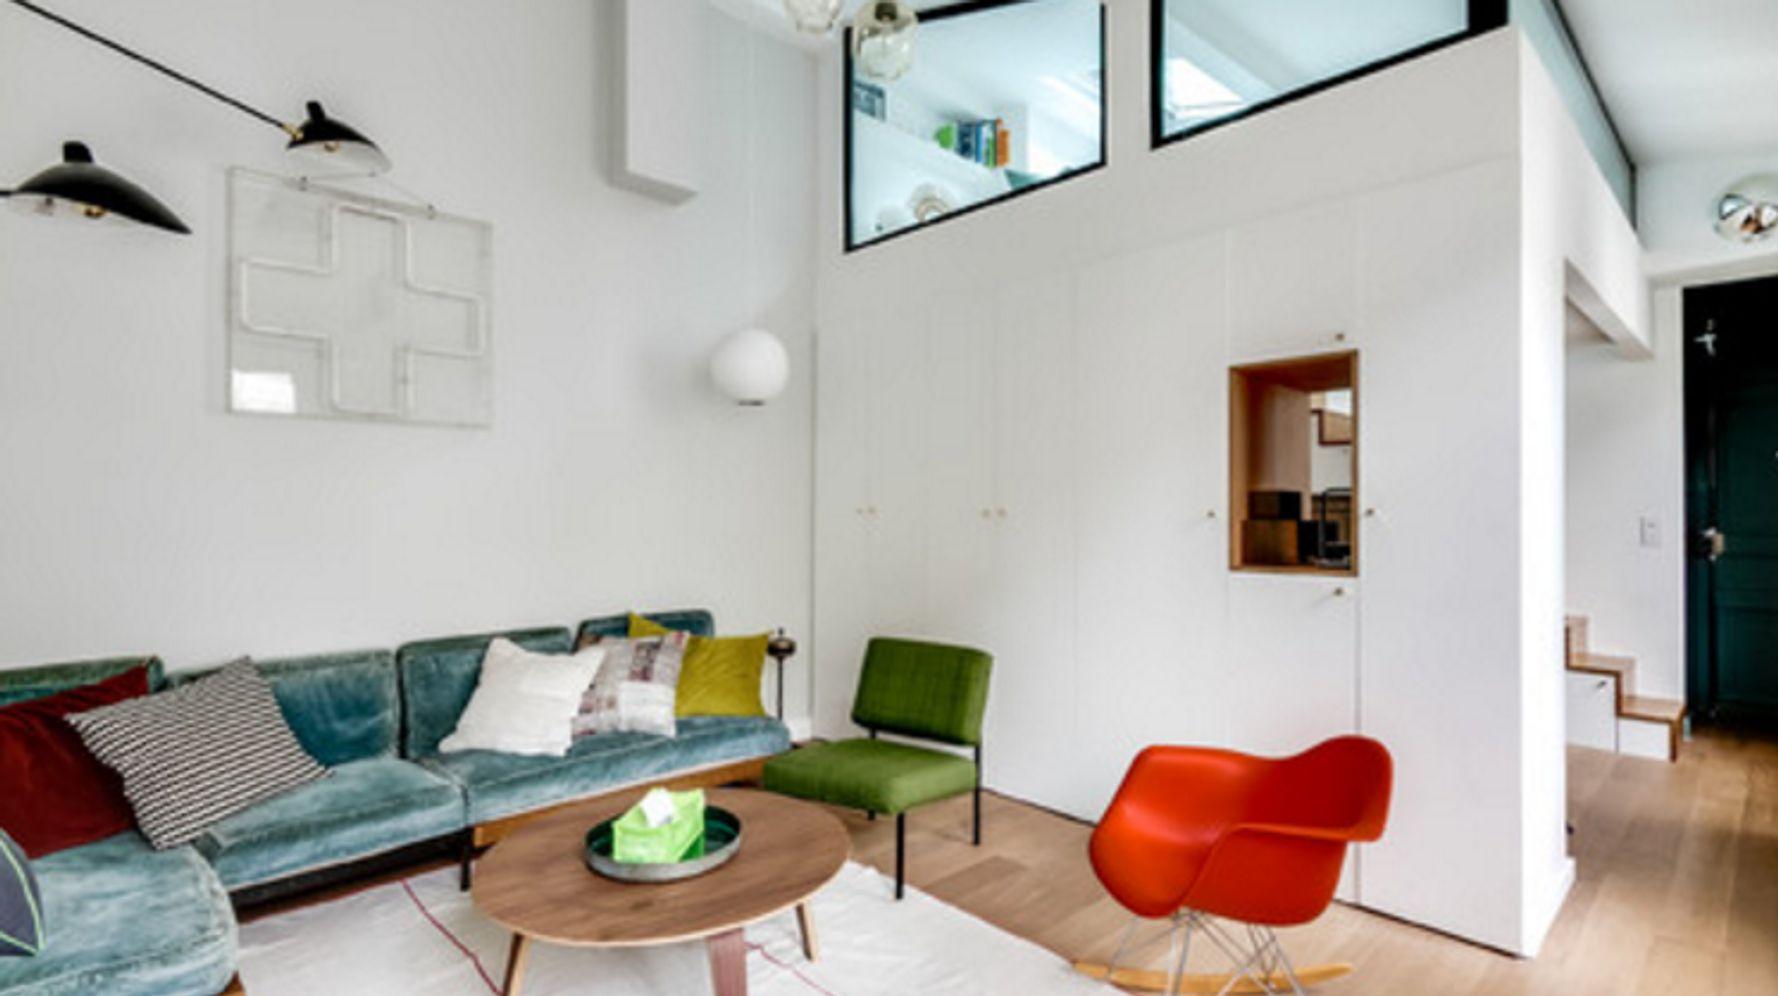 Aménagement Mezzanine Petit Espace cette architecte d'intérieur a métamorphosé cet appartement